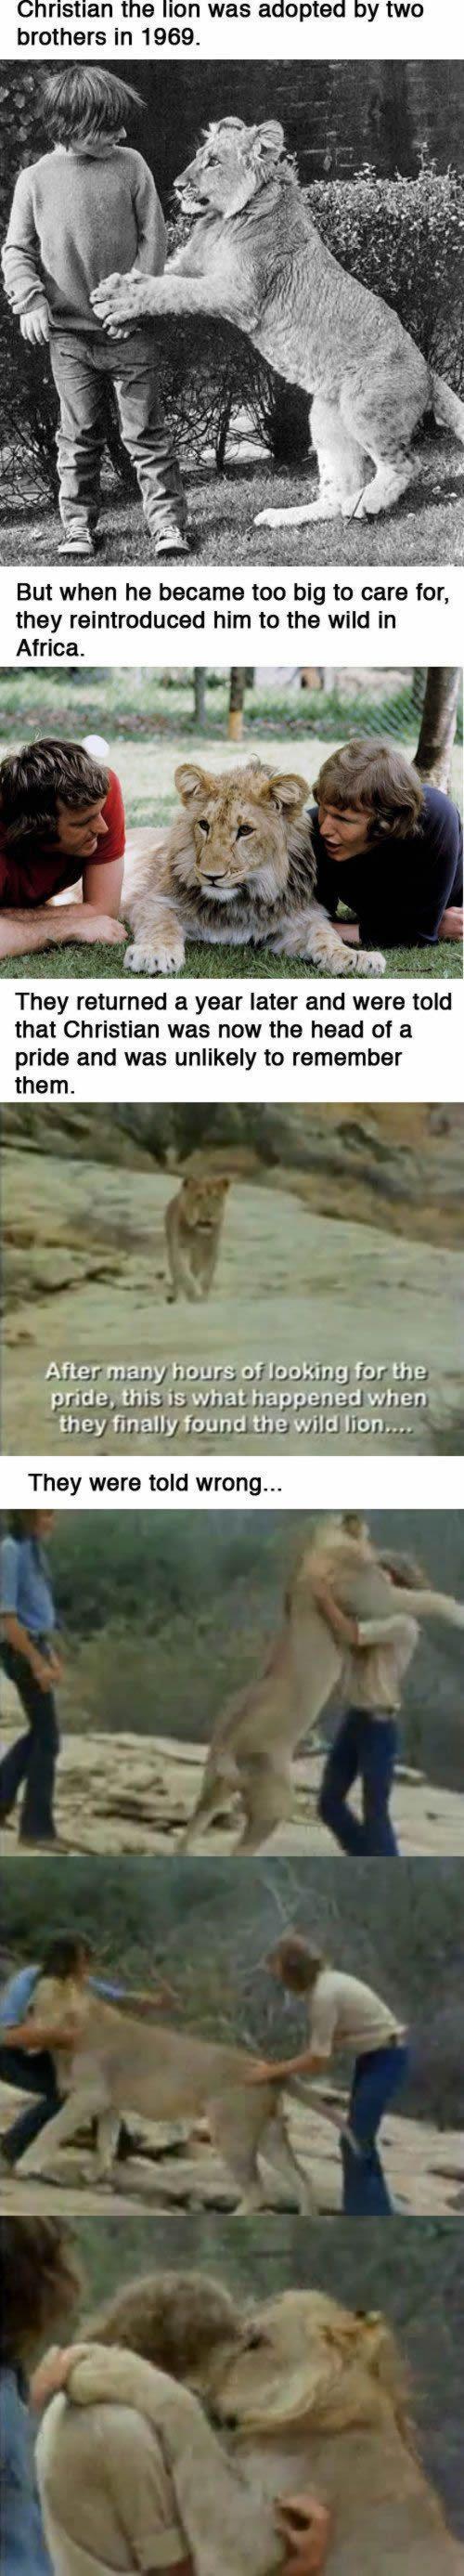 Christian, el león